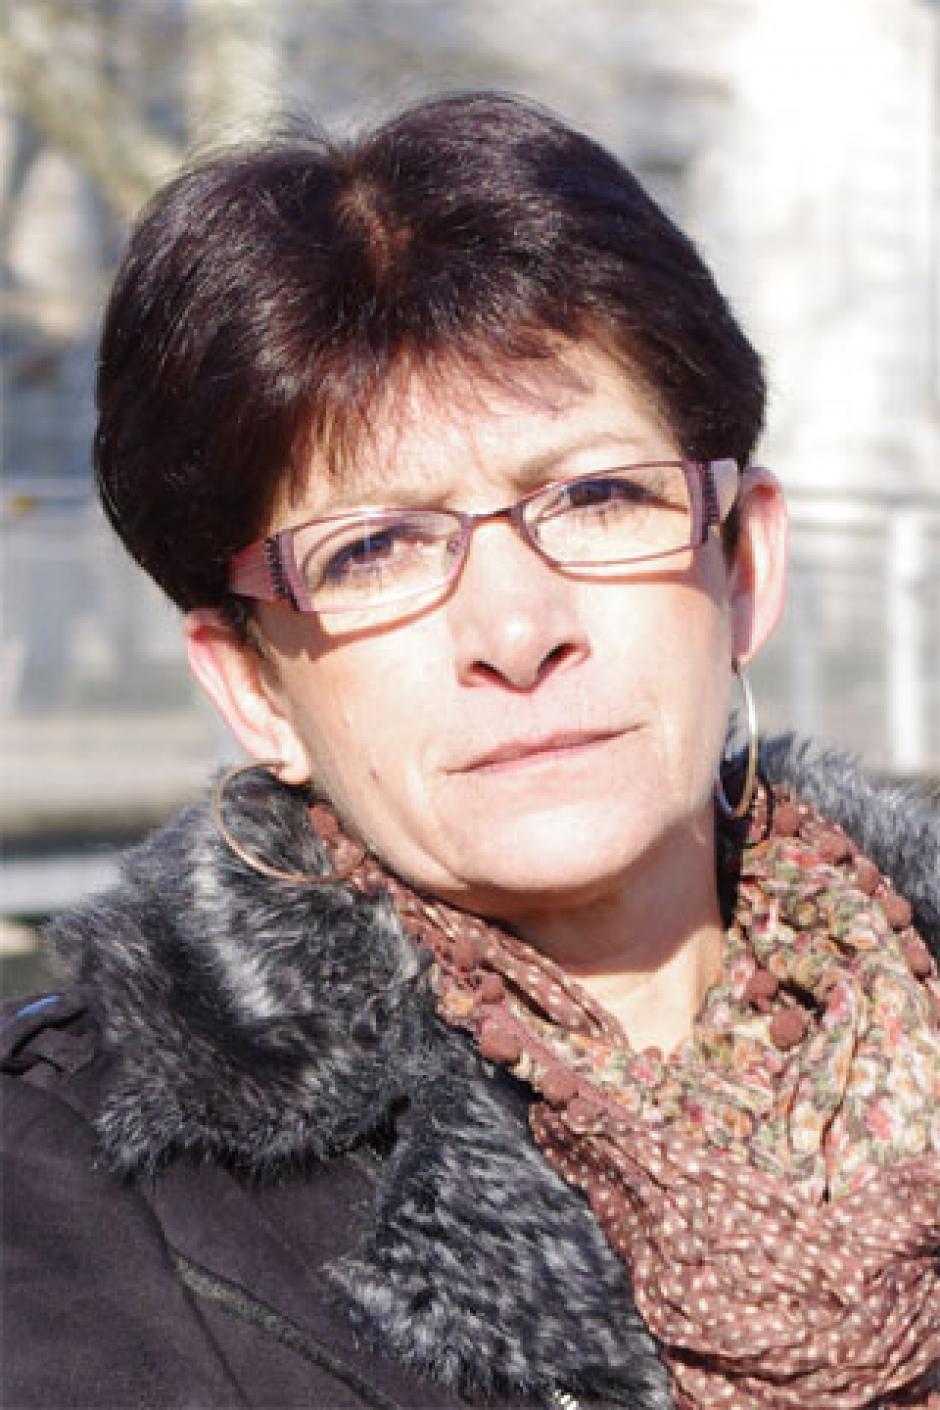 Sercomanens Christiane